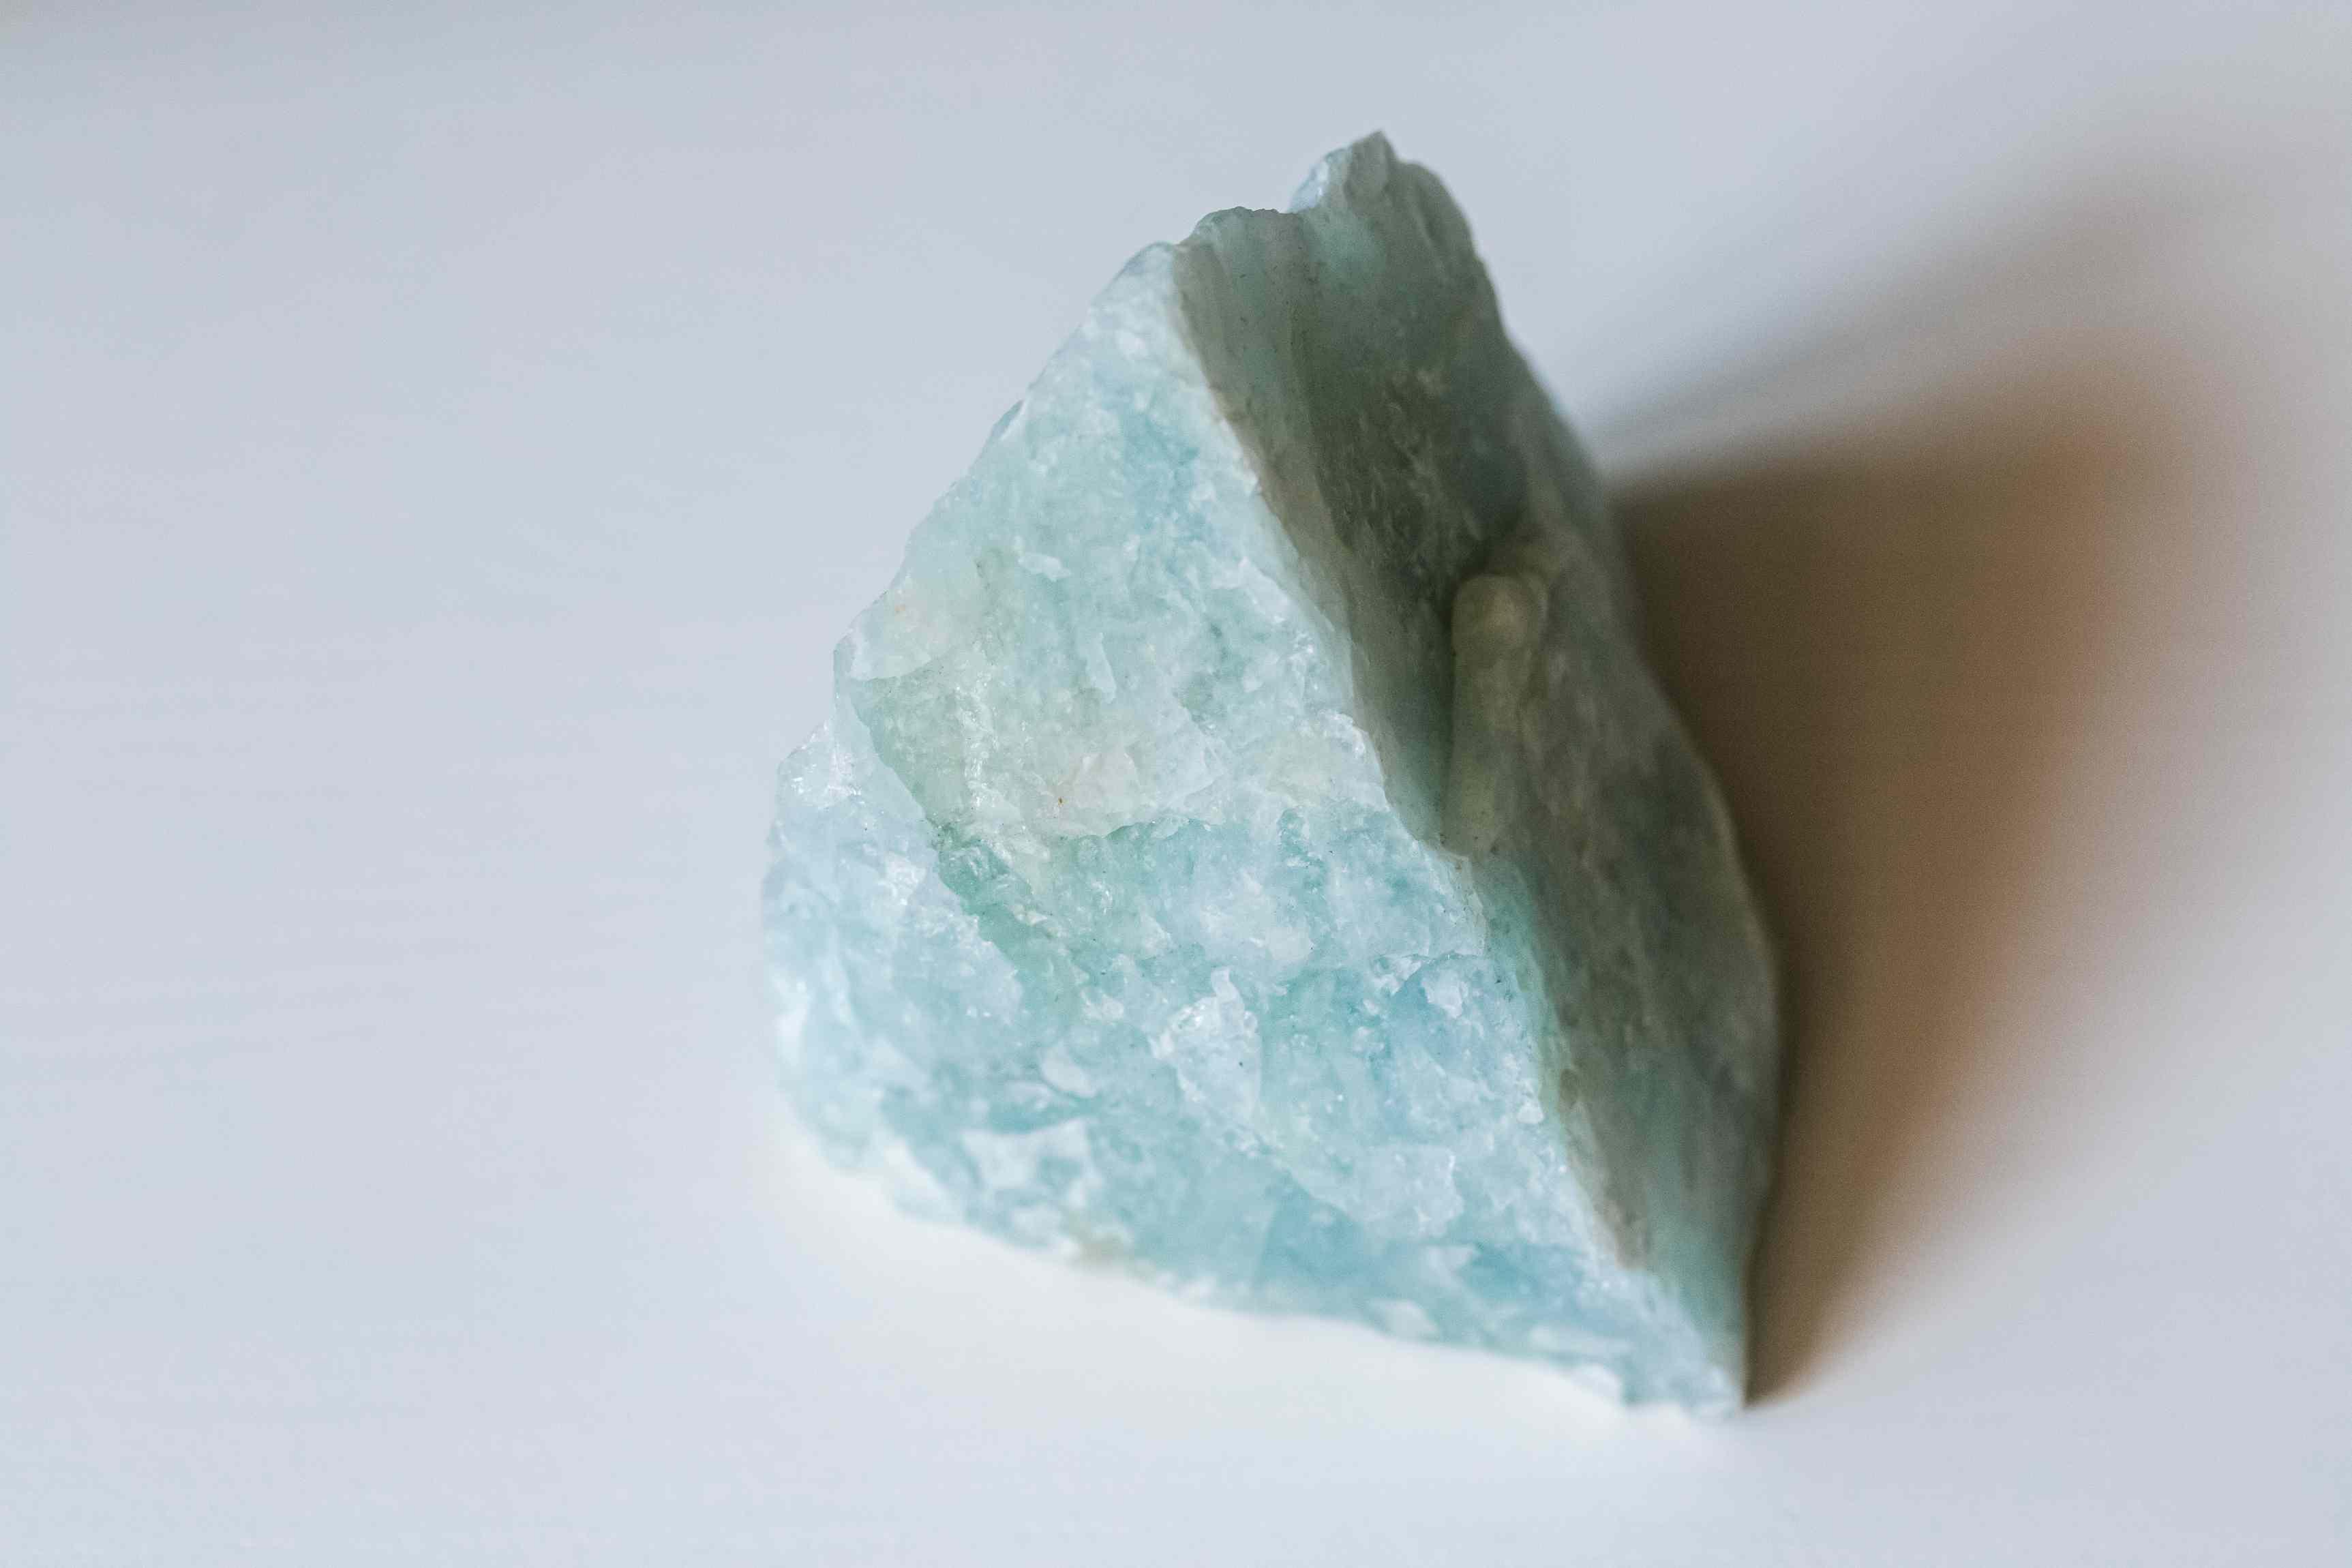 closeup of an aquamarine crystal